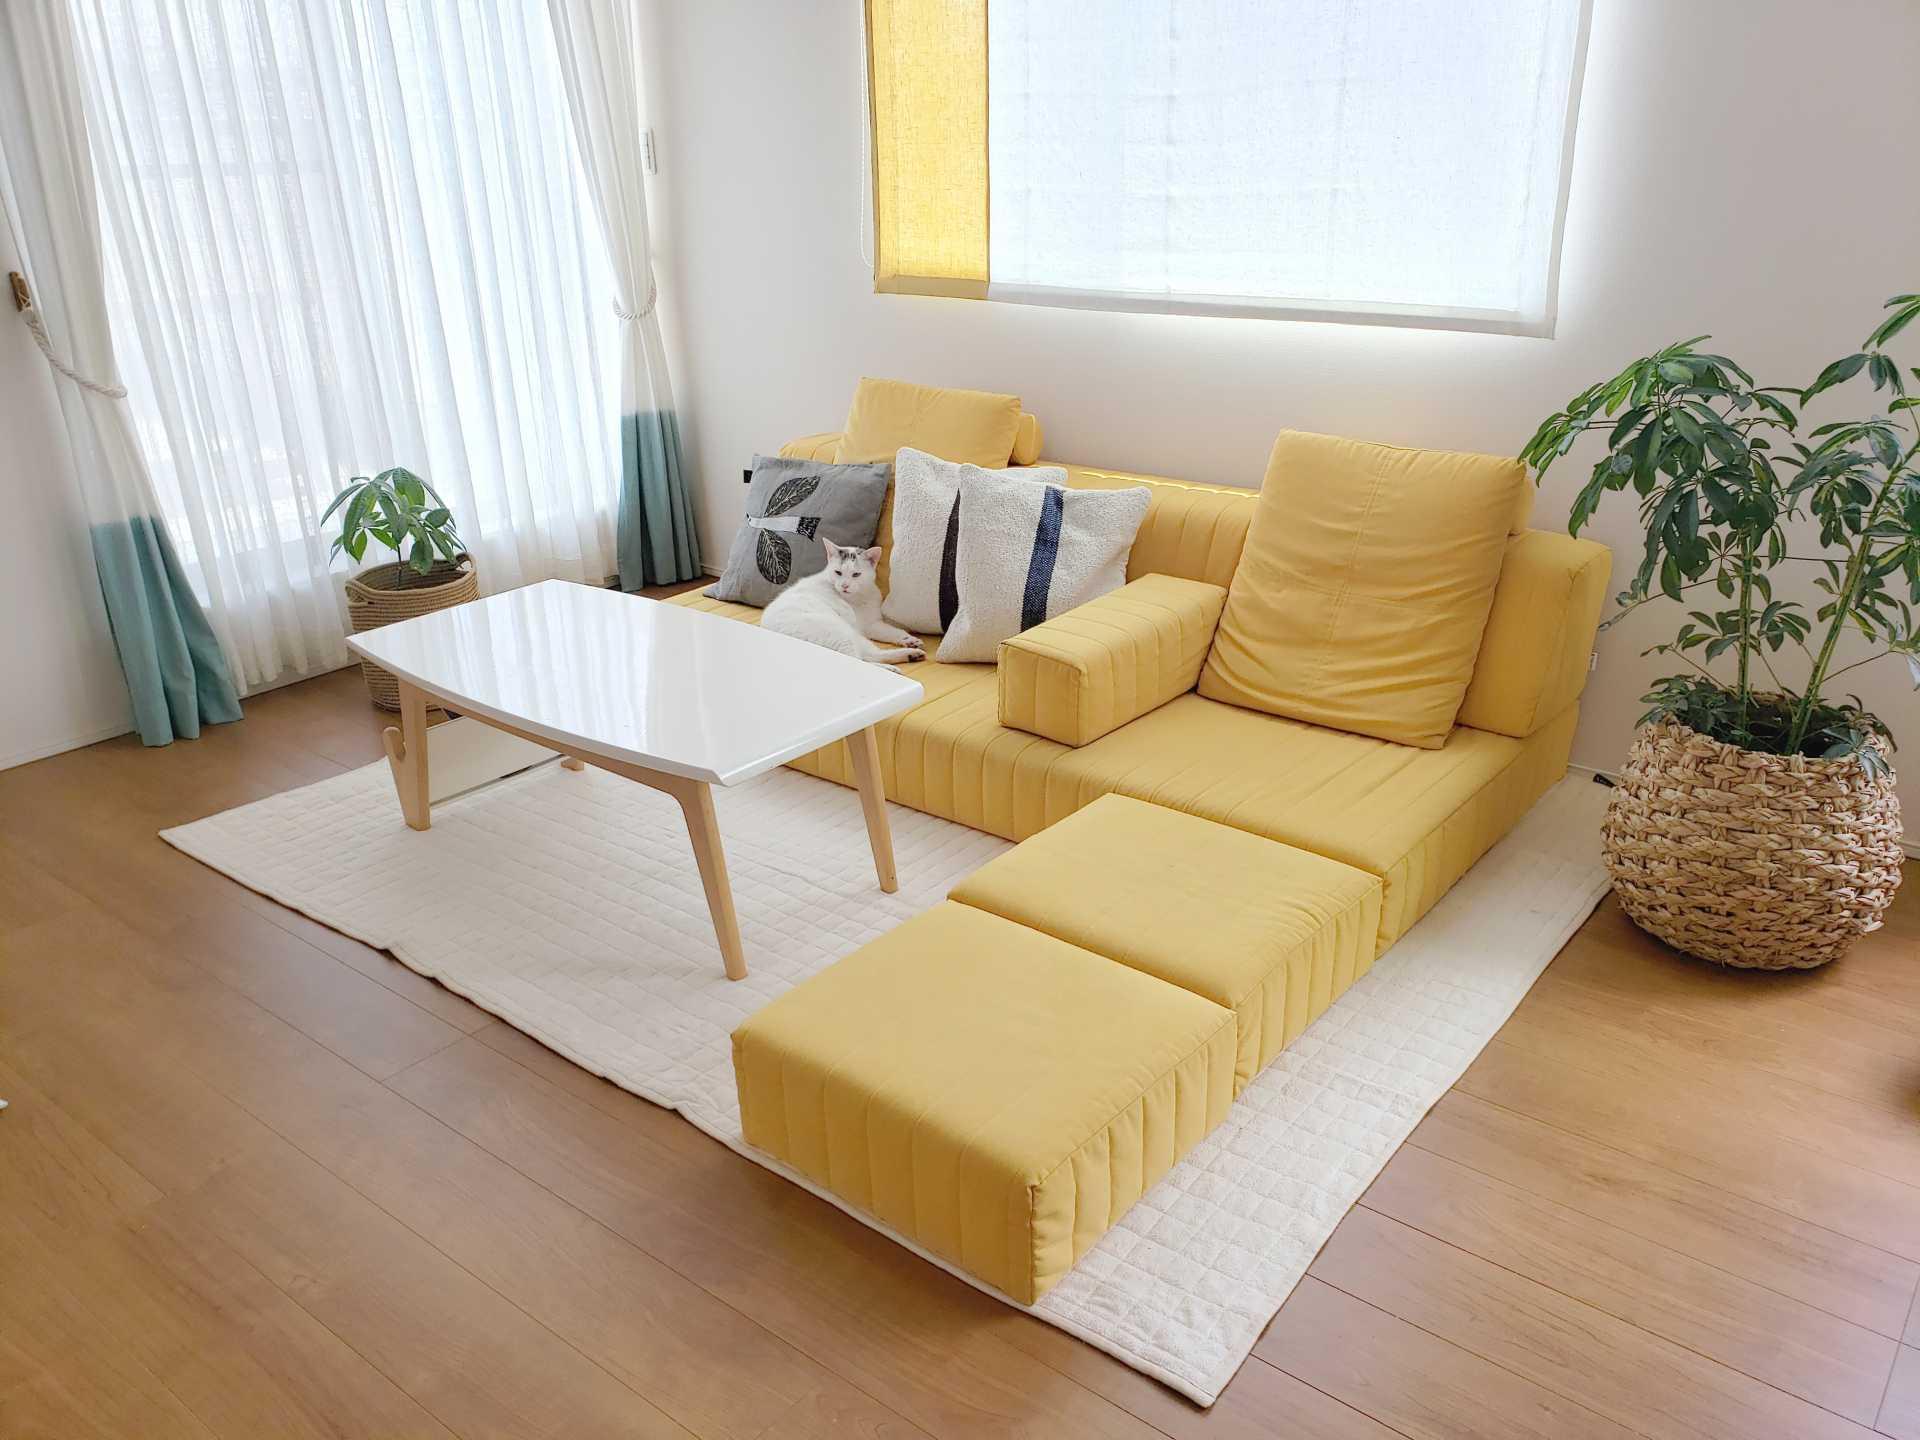 イエローのソファでお部屋を明るい印象に!【国産ローソファ・フロアソファ専門店HAREM】